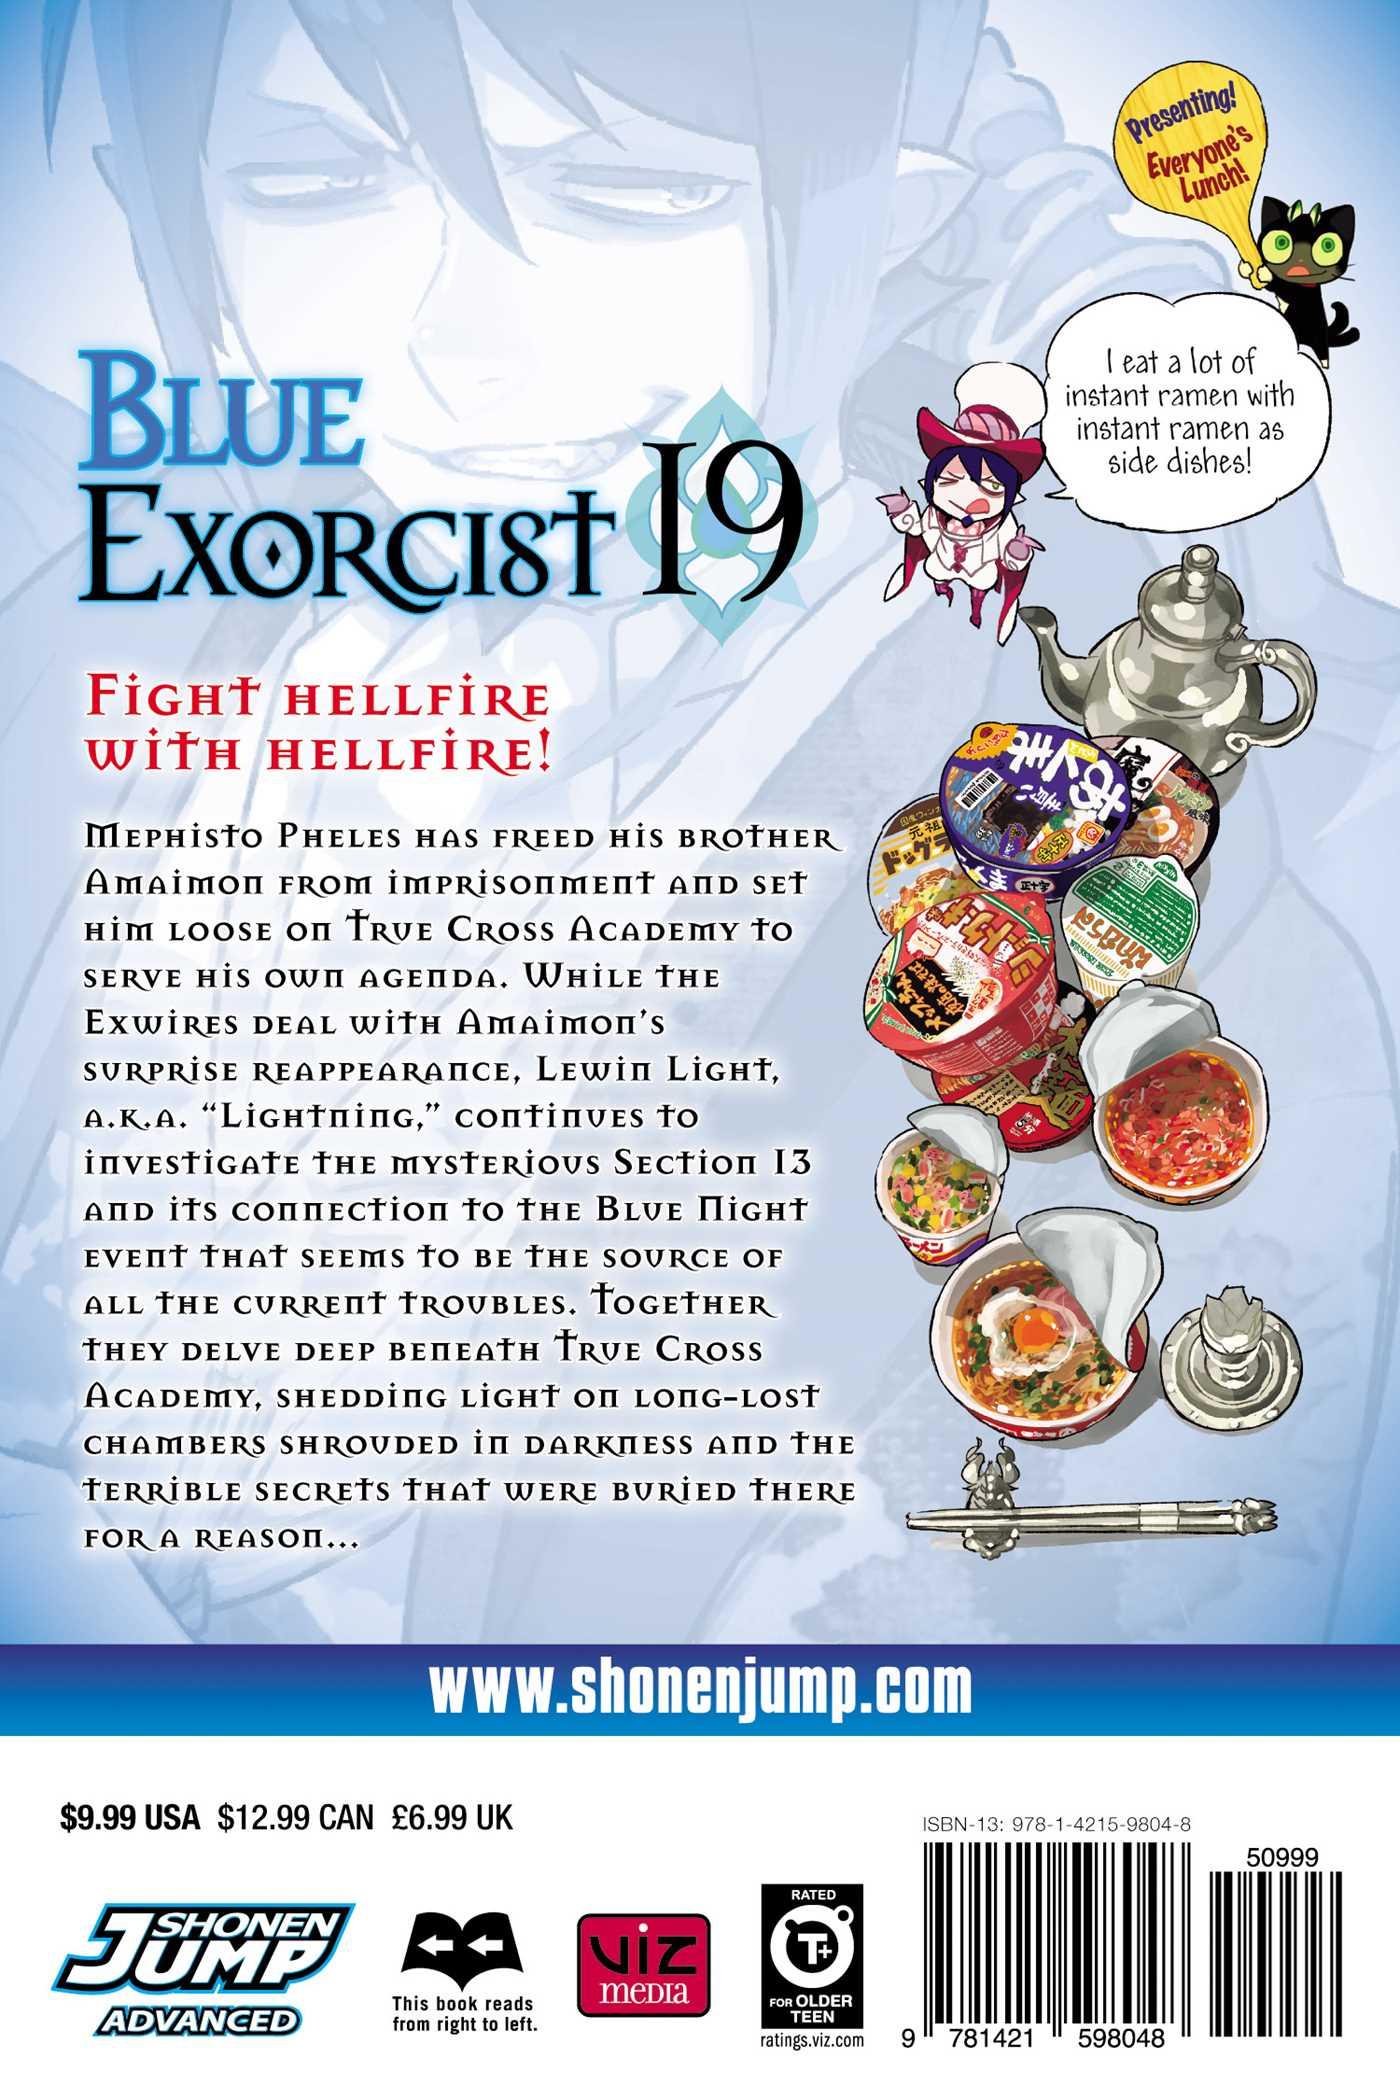 Blue exorcist vol 19 9781421598048 hr back